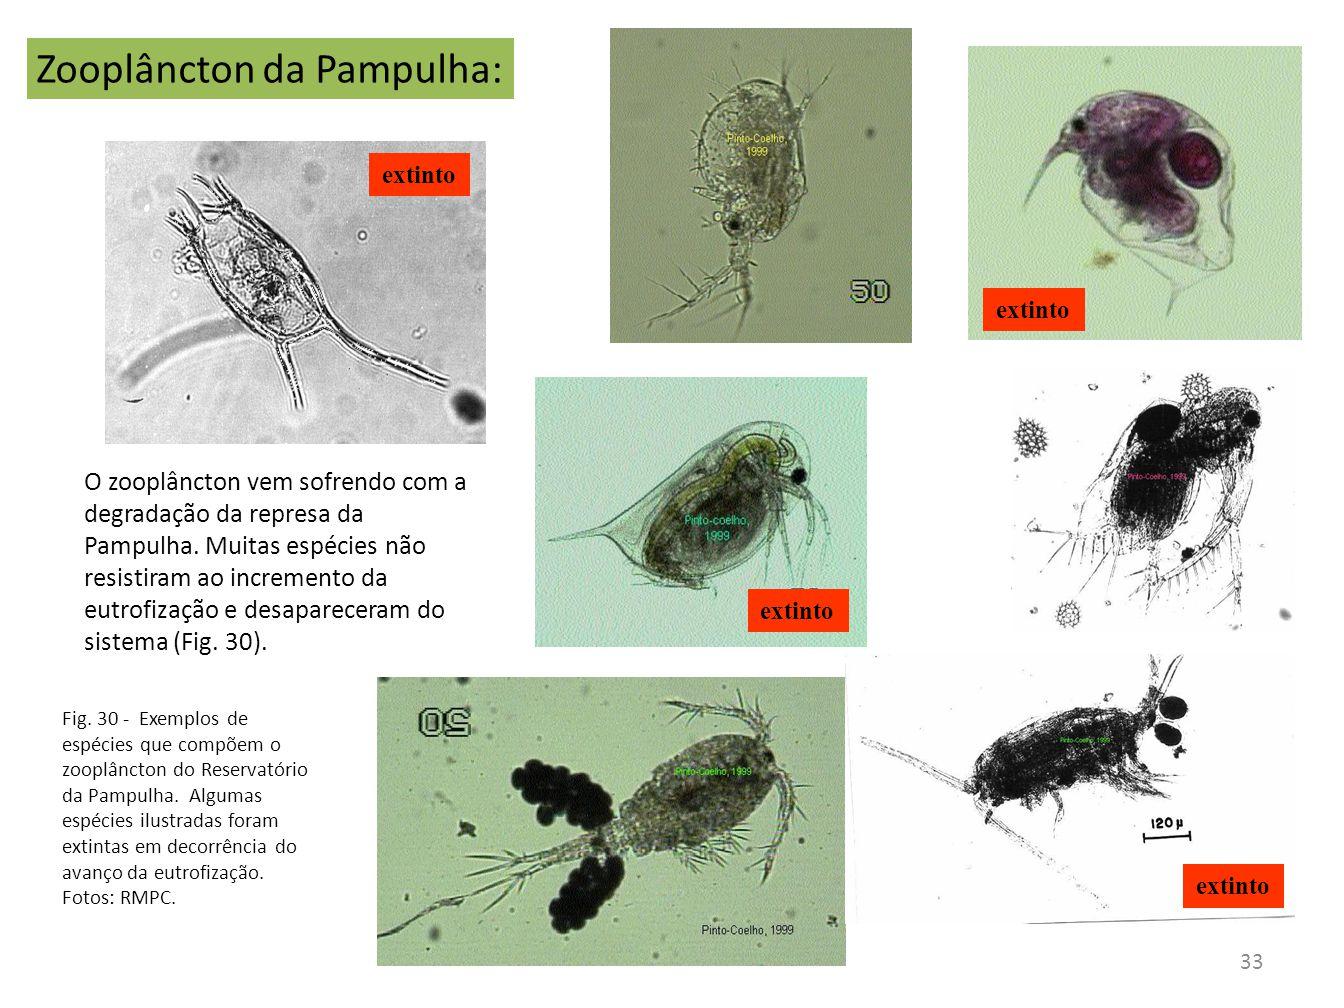 Zooplâncton da Pampulha: